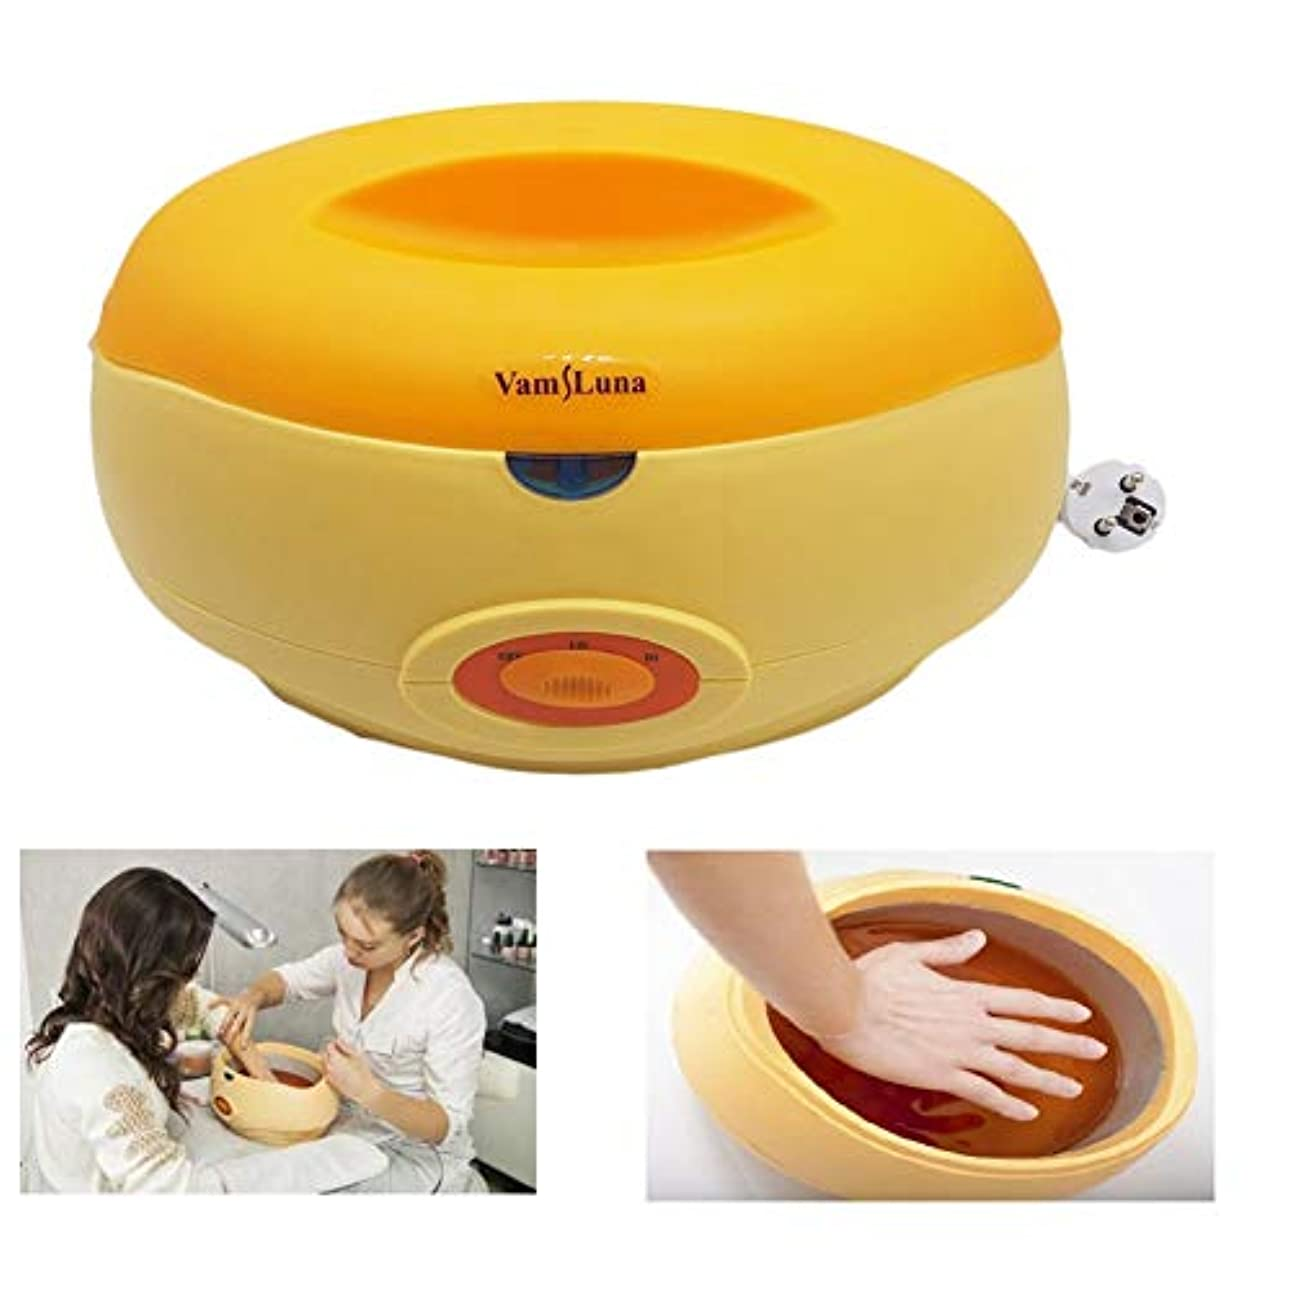 研究記念品オフェンスパラフィンワックスウォーマーポット2200 ML熱パラフィン浴熱療法顔、手、足&脱毛